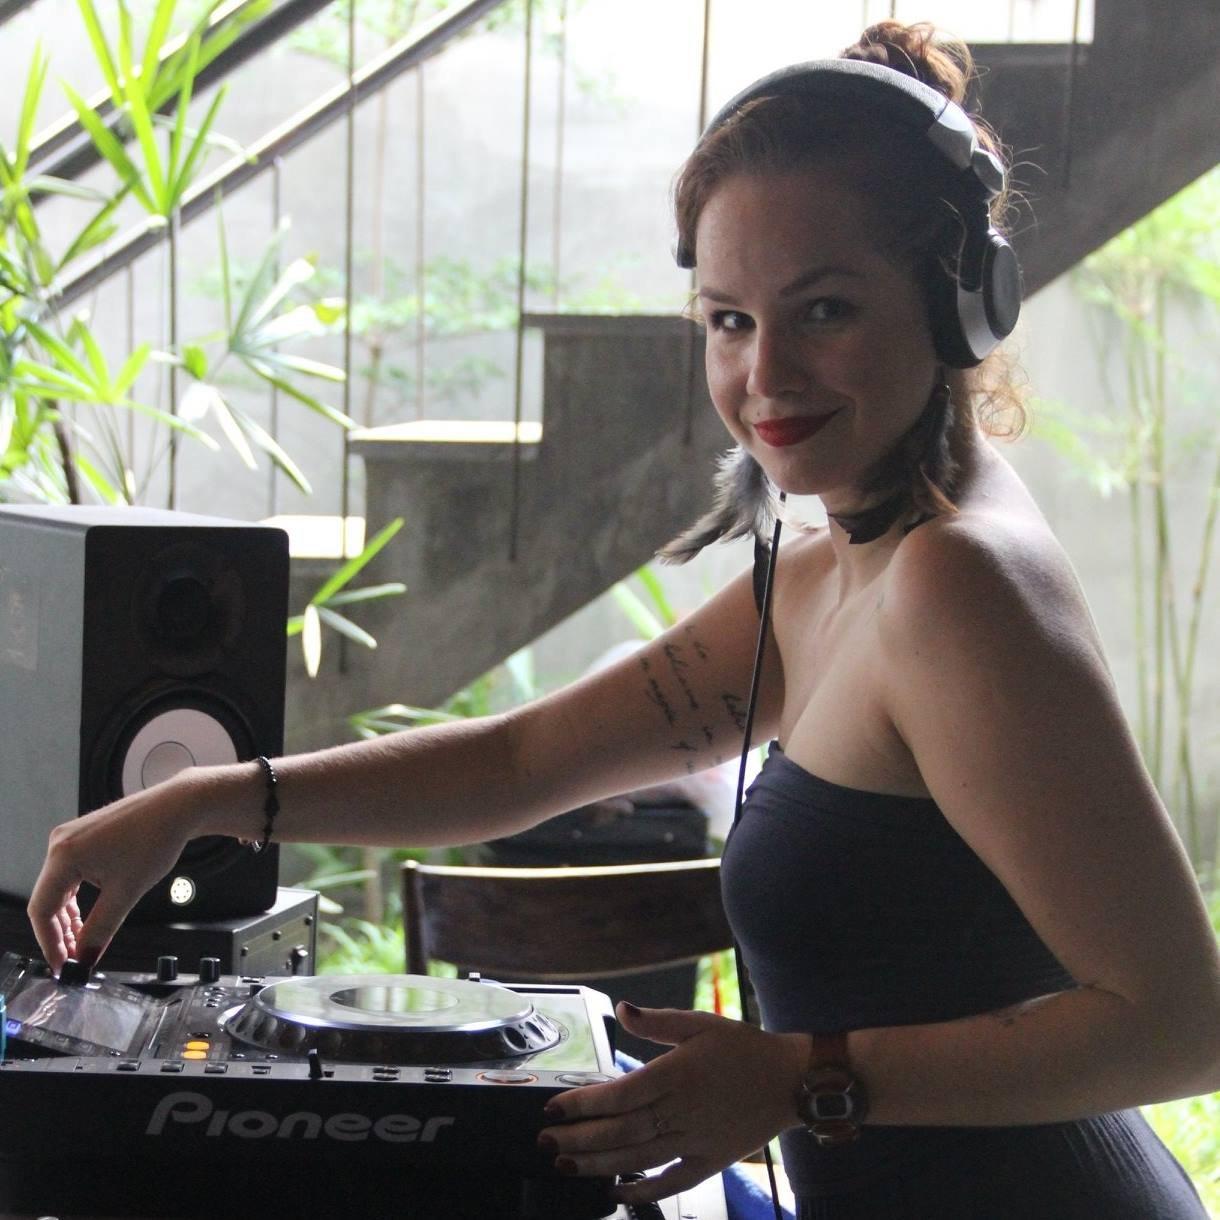 DJ Foxy Tail